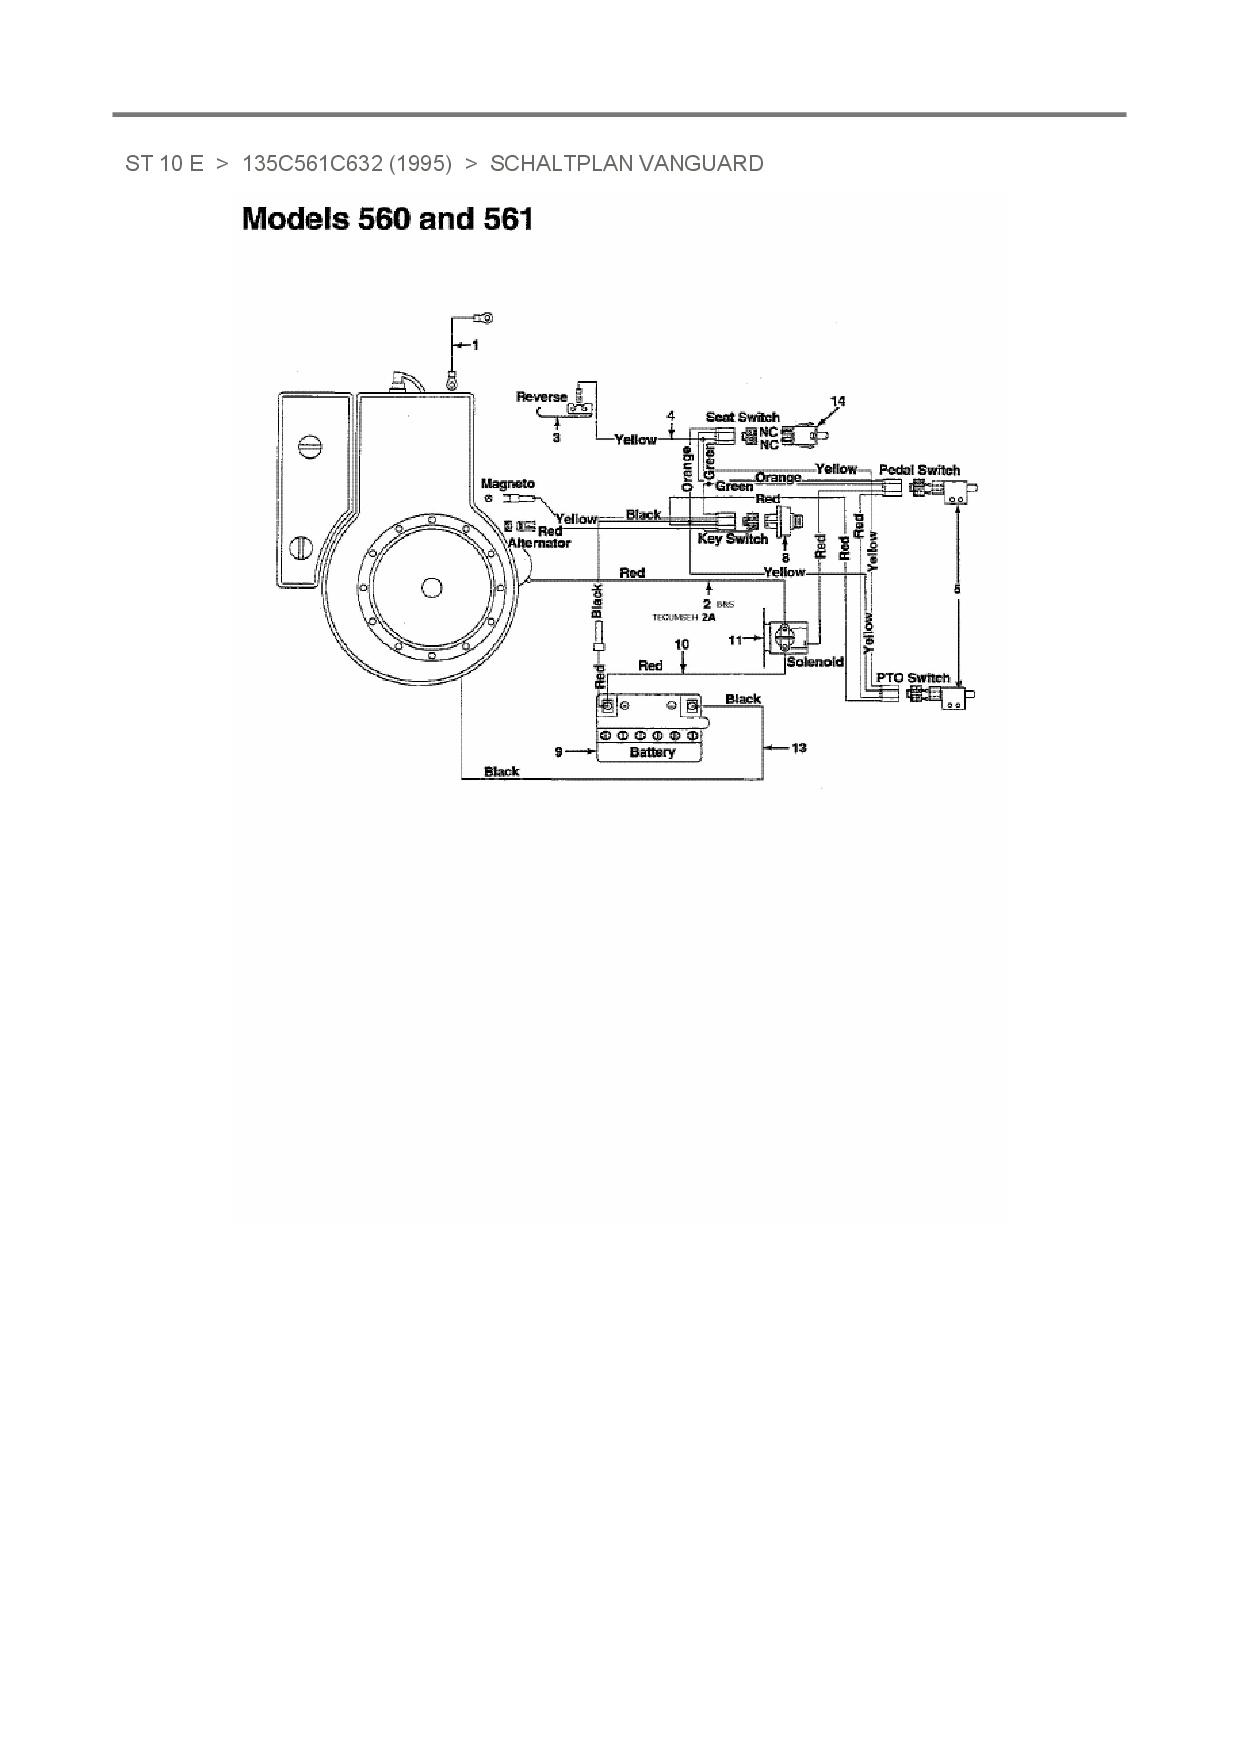 Erfreut Allen Bradley Magnetstarter Schaltplan Galerie - Elektrische ...